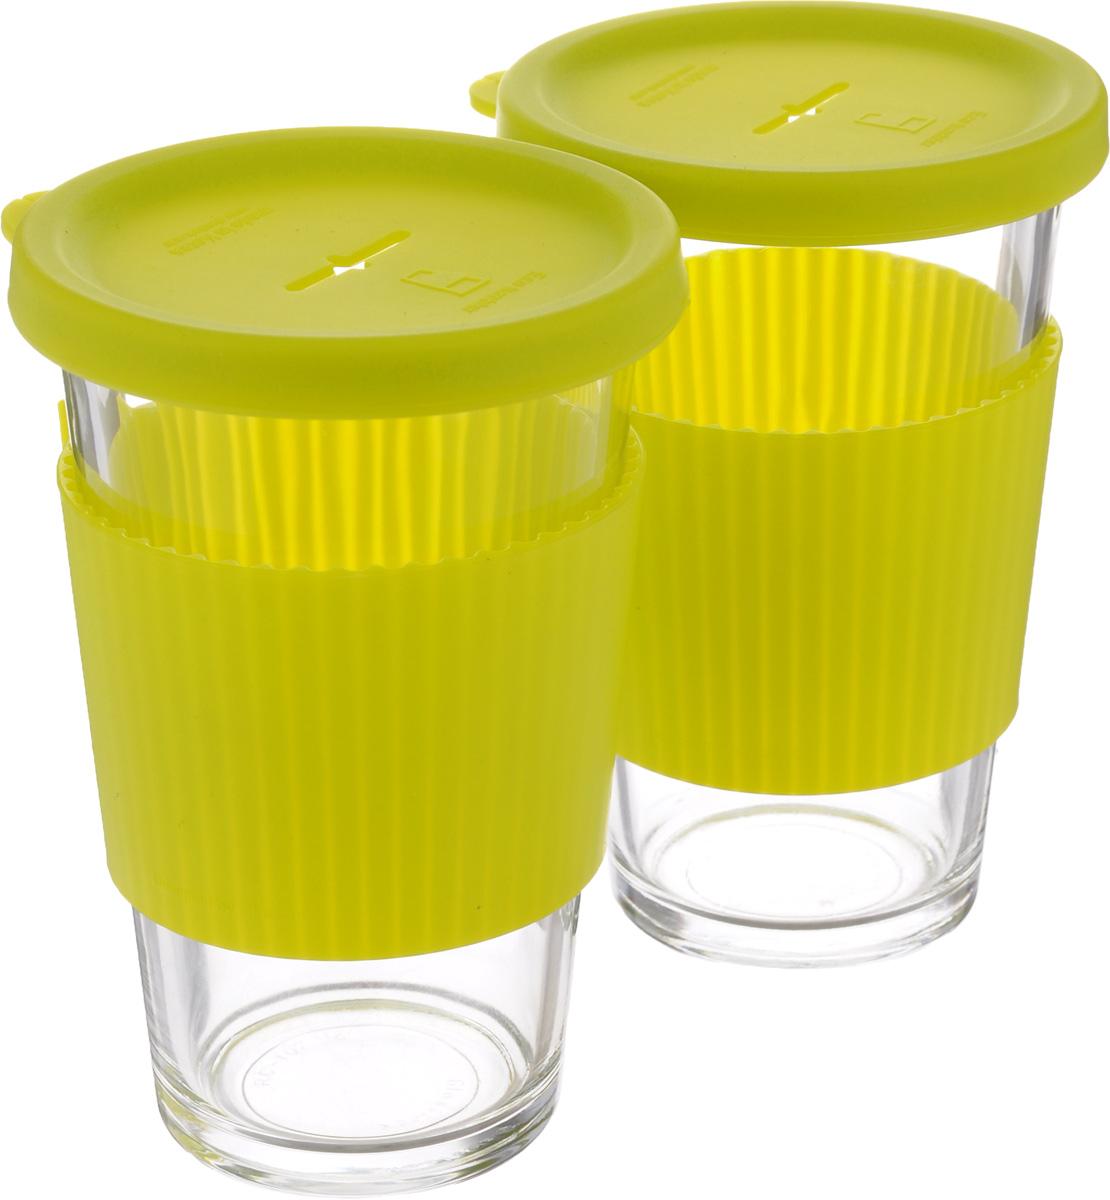 Набор стаканов Glasslock, с крышкой, цвет: прозрачный, желтый, 2 предмета, 380 млGL-1363Набор стакан Glasslock изготовлен из высококачественного термостойкого стекла и снабжен крышкой. Силиконовая крышка имеет отверстие для подвешивания пакетика чая. Использованный пакетик после заваривания удобно положить на крышку. В таком стакане лучше всего заваривать чай и другие оздоровительные напитки. Стакан имеет силиконовый держатель, для предохранения рук от высокой температуры напитка. Стакан Glasslock можно комфортно использовать на работе или в офисе, также взять с собой в путешествие, чтобы ваш любимый чай был всегда с вами. Можно мыть в посудомоечной машине и использовать в микроволновой печи. Стаканы для хранения напитков в холодильнике и морозильной камере. Не использовать в духовке. Объем стакана: 380 мл. Диаметр стакана (по верхнему краю): 8,5 см. Высота стакана (с учетом крышки): 14 см.